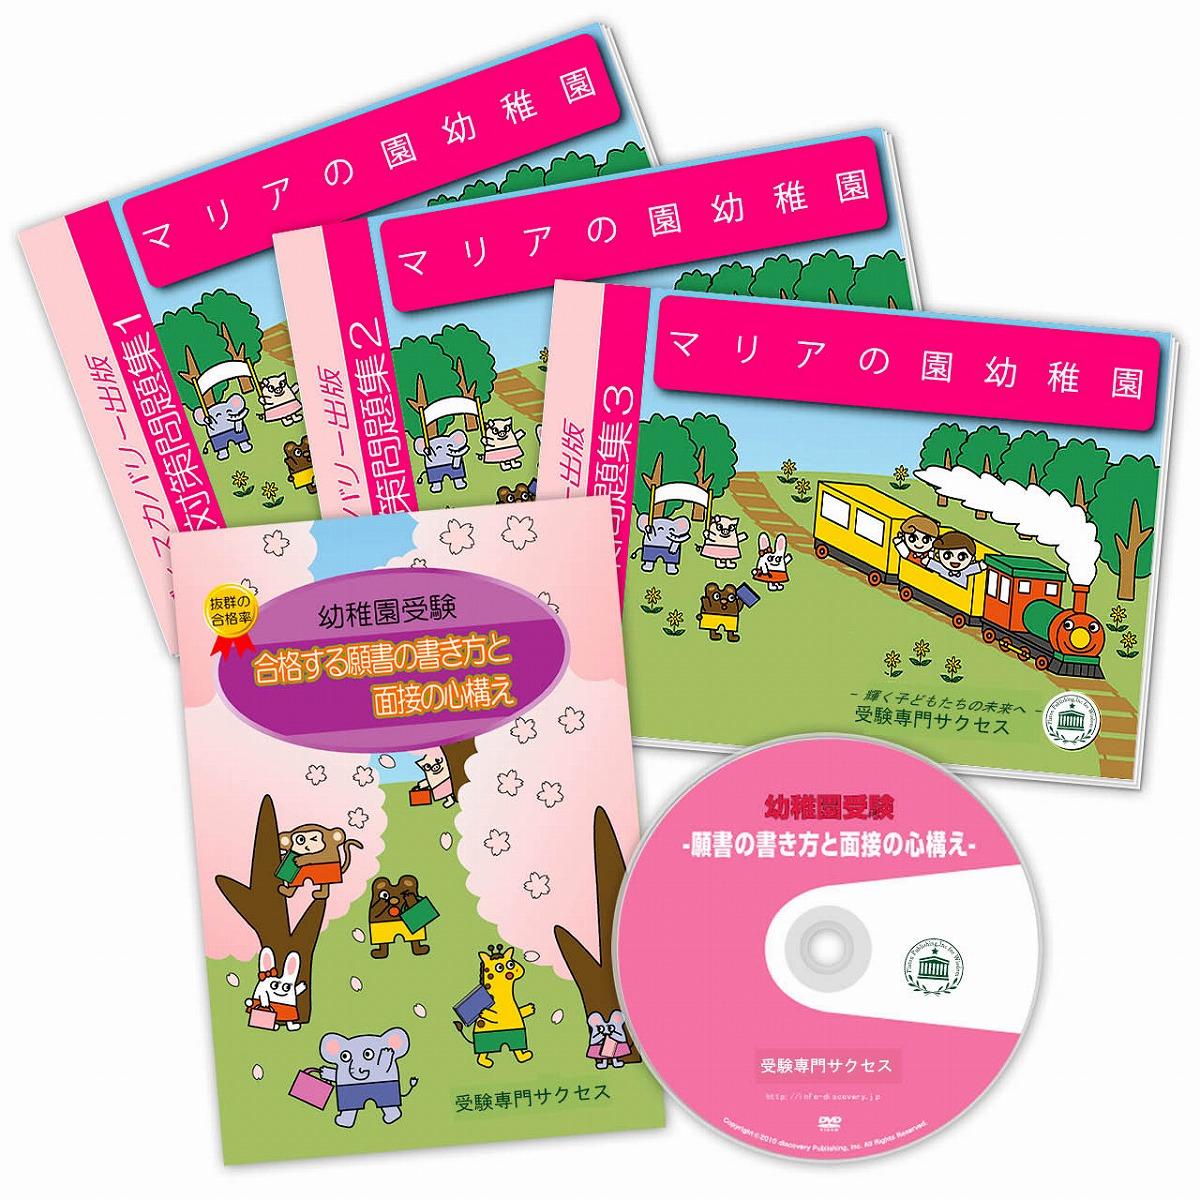 【送料・代引手数料無料】マリアの園幼稚園・合格セット